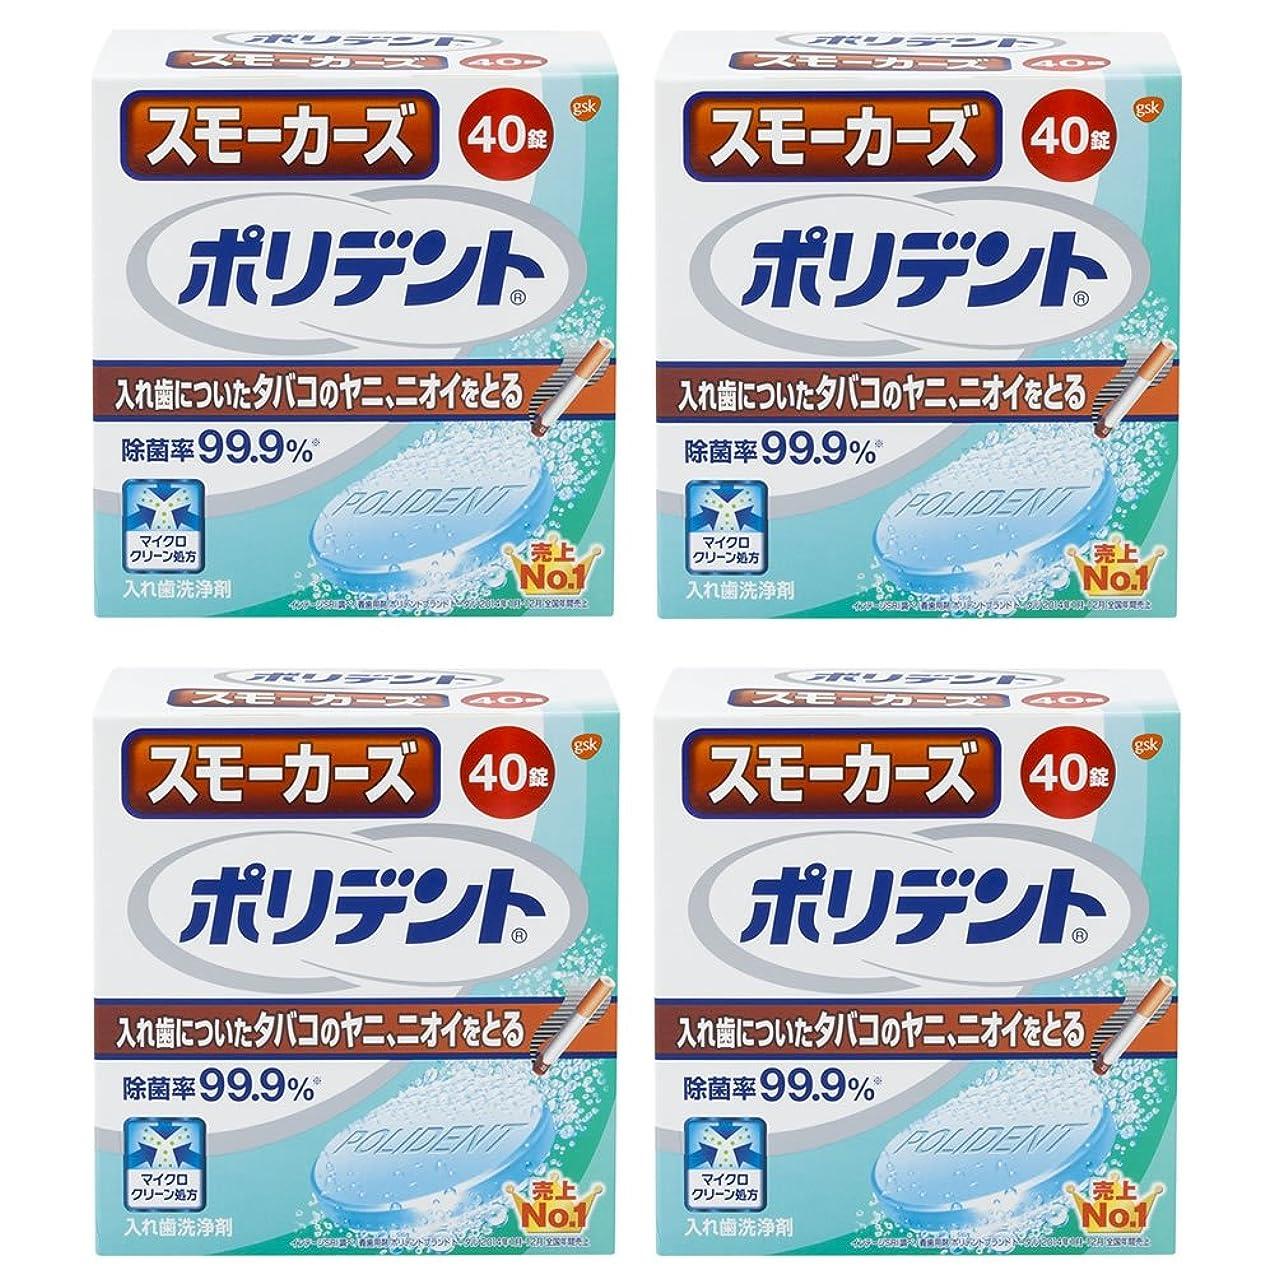 チート排泄物ピア【セット品】入れ歯洗浄剤 スモーカーズ ポリデント 40錠×4個